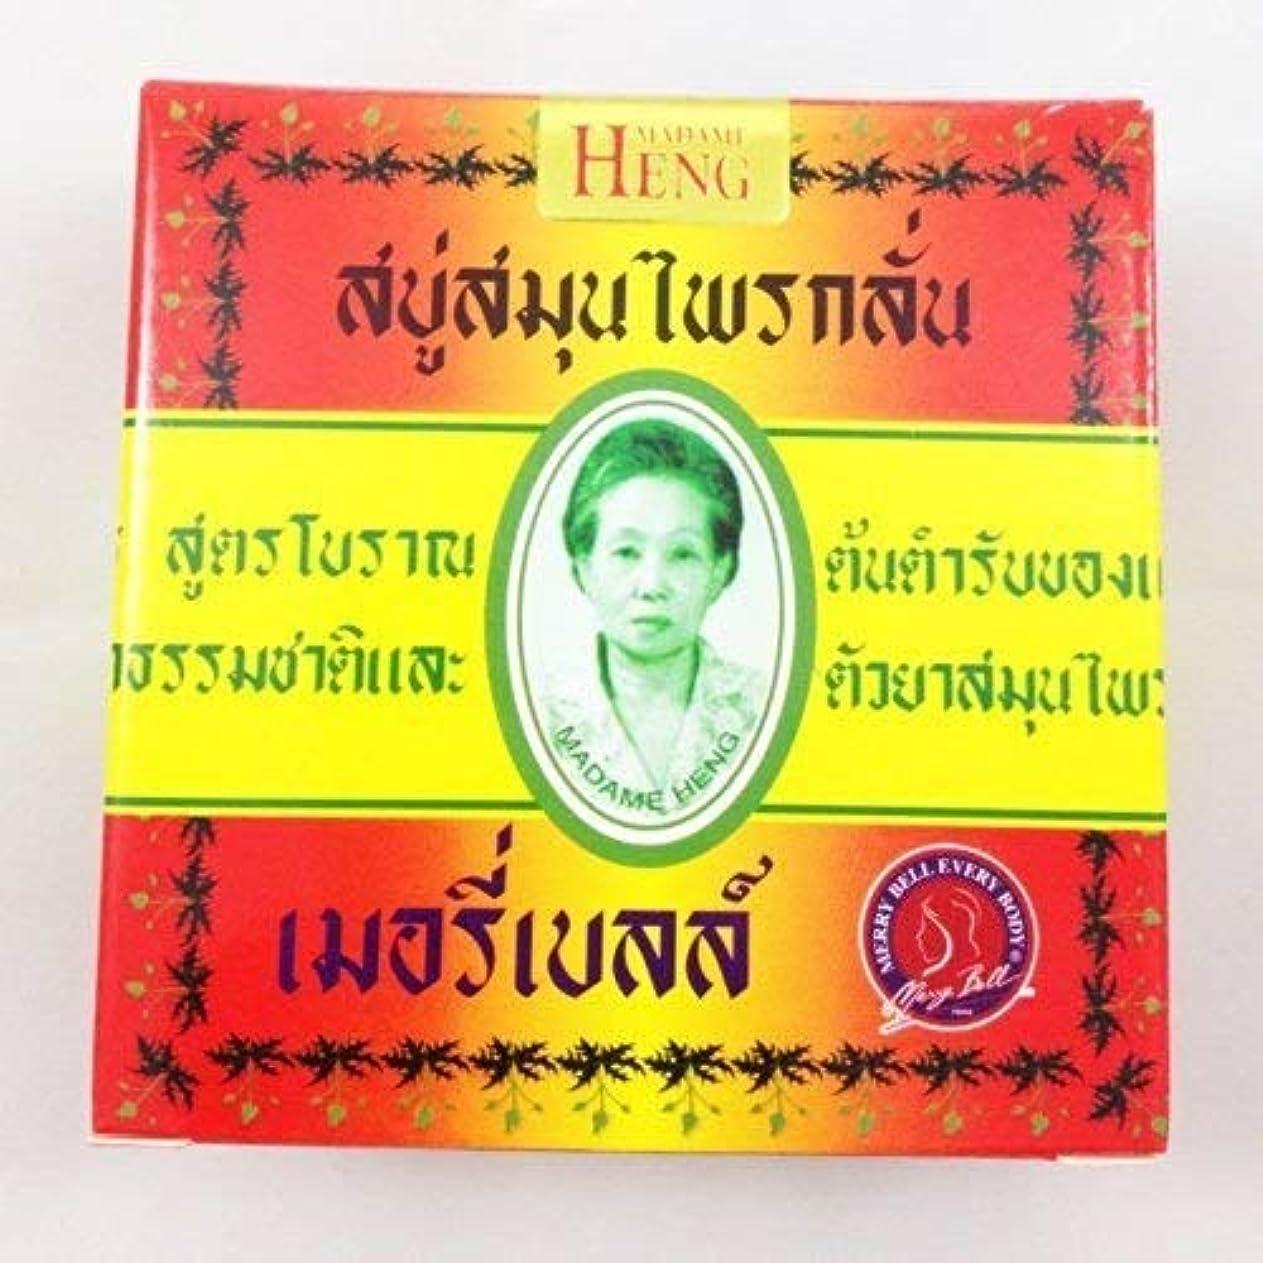 復活させる居心地の良い酔っ払いMadame Heng Thai Original Natural Herbal Soap Bar Made in Thailand 160gx2pcs by Ni Yom Thai shop